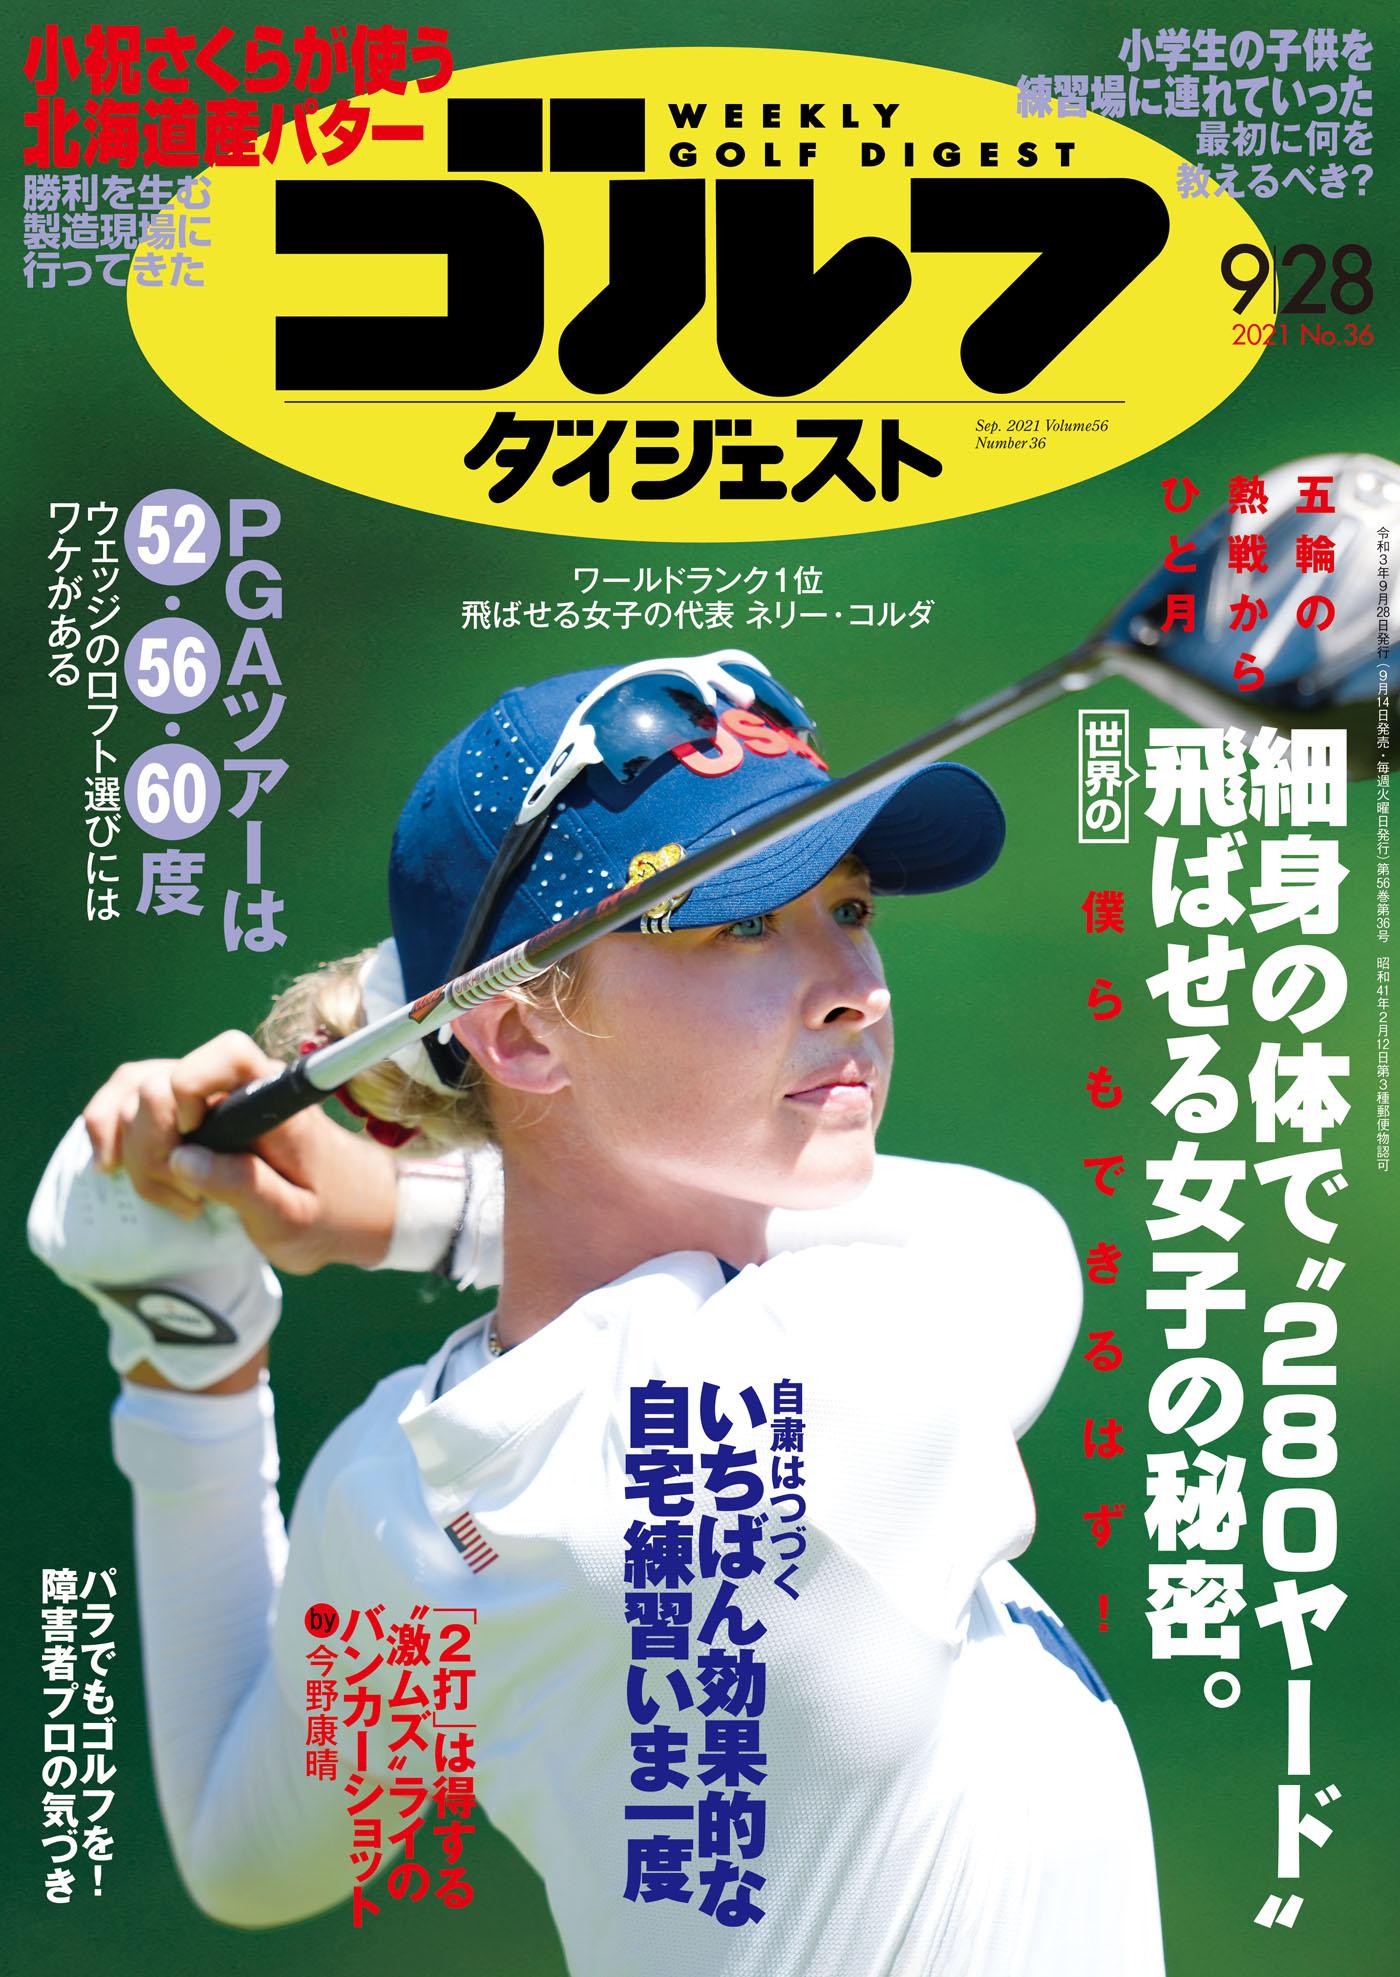 週刊ゴルフダイジェスト2021年9月28日号